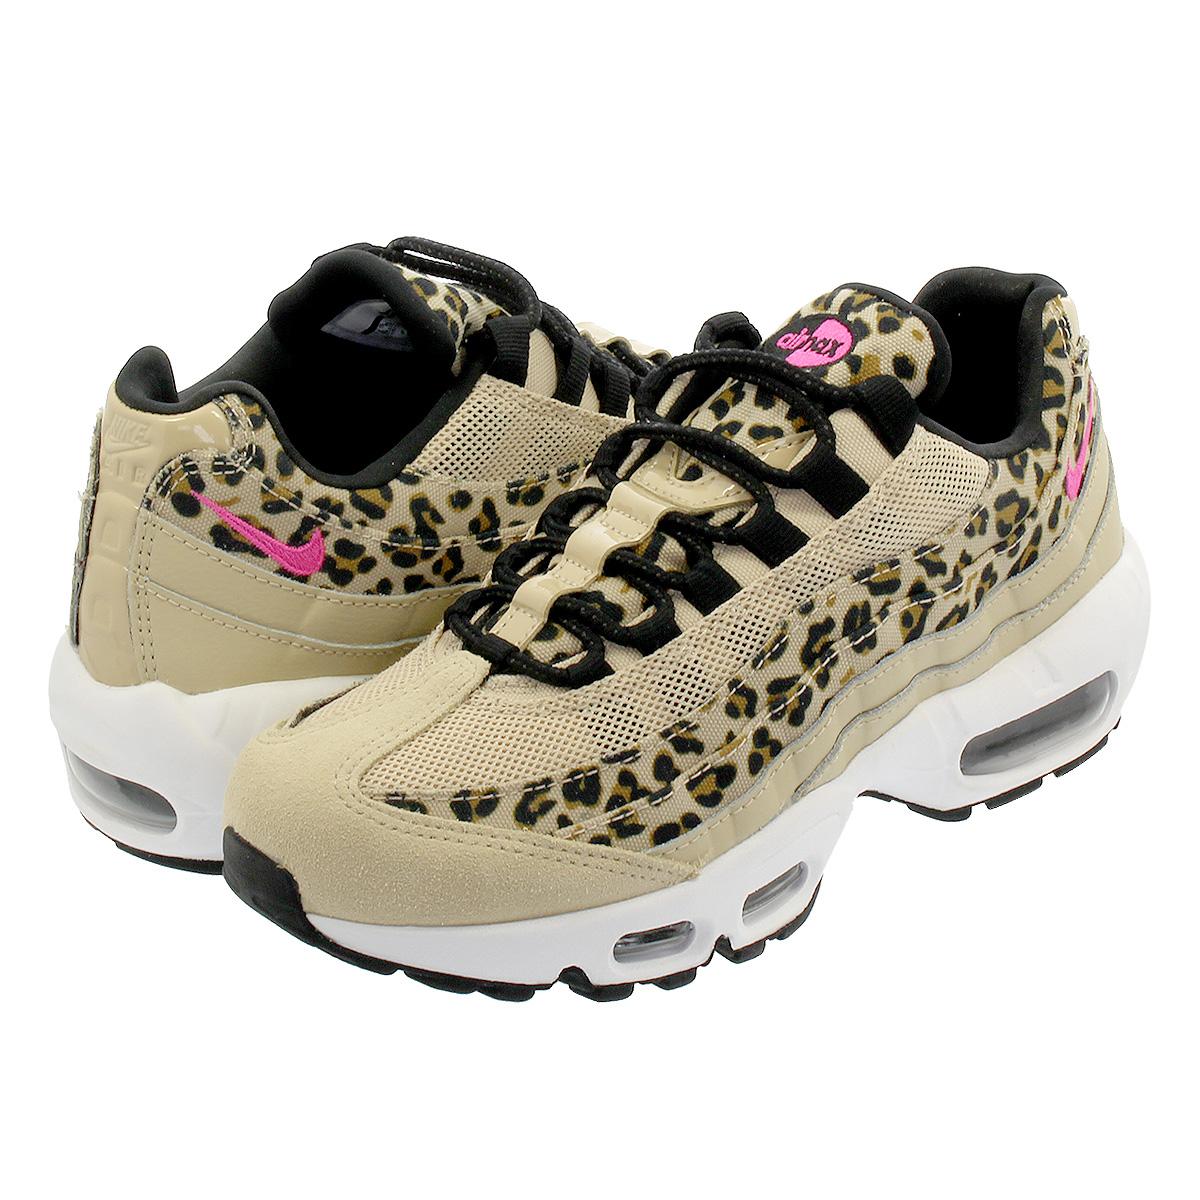 Nike Wmns Air Max 95 Premium | Pink | Sneakers | 807443 200